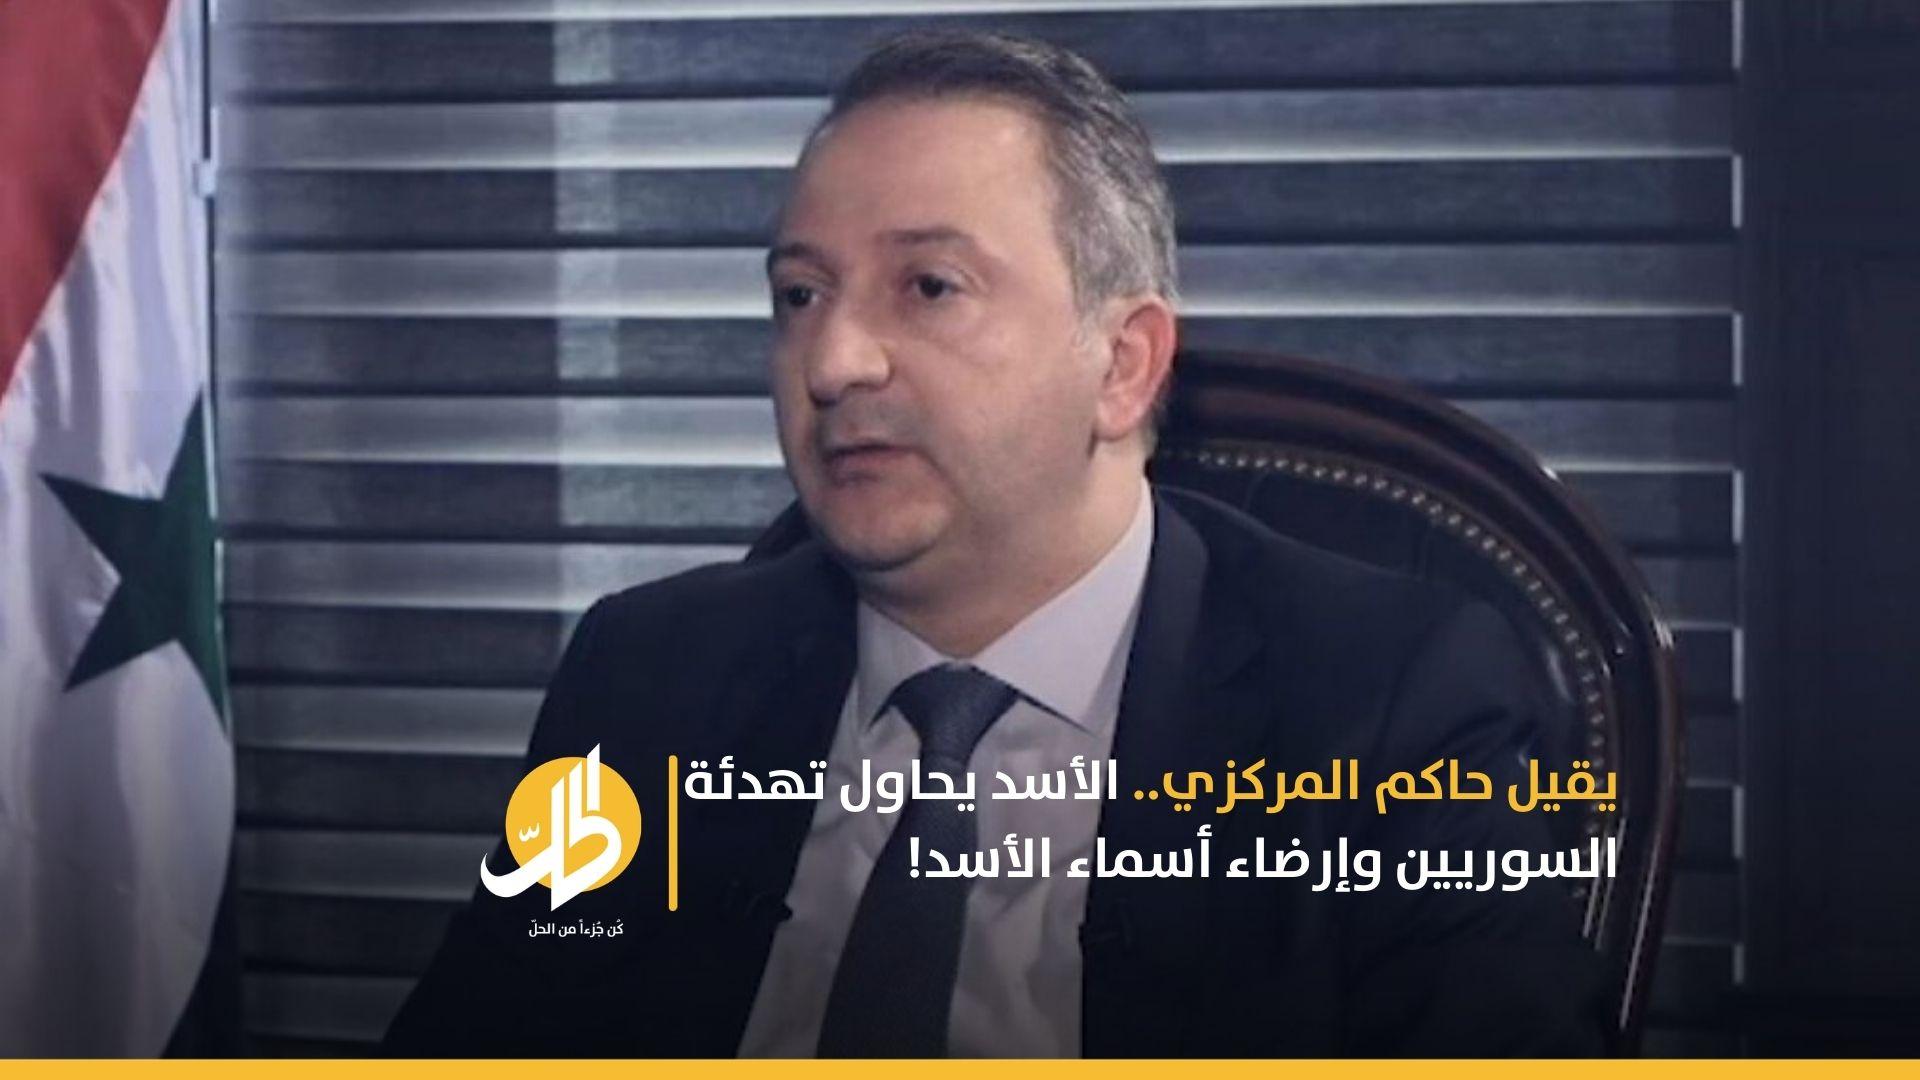 يقيل حاكم المركزي.. الأسد يحاول تهدئة السوريين وإرضاء أسماء الأسد!